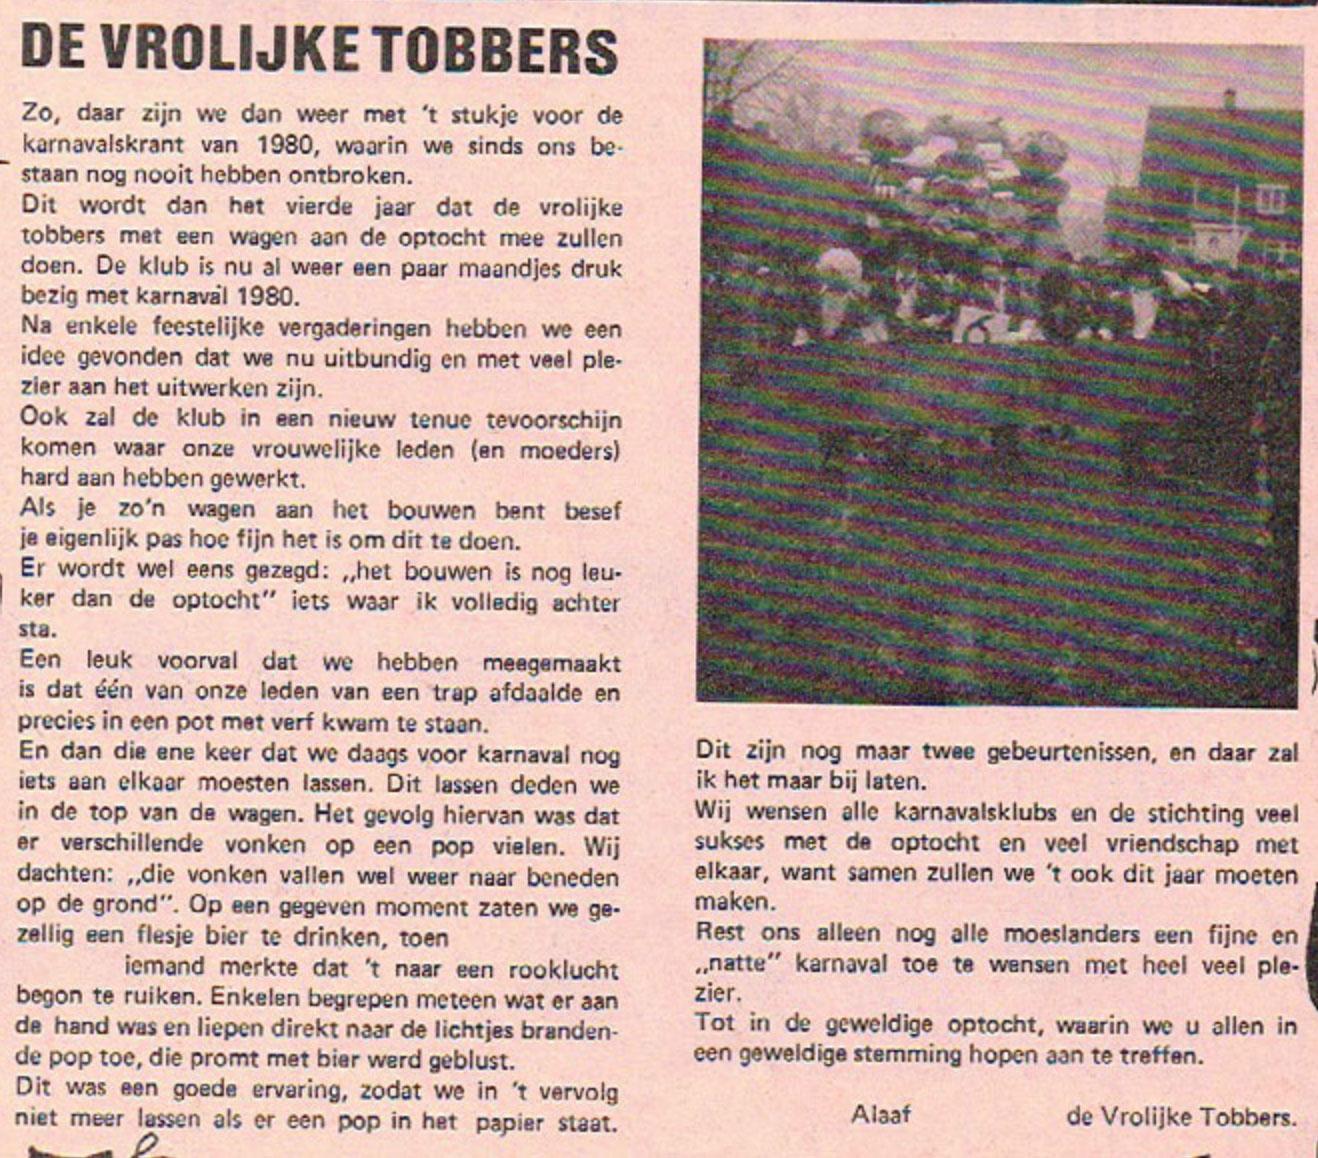 Stukje uit de carnavalskrant van De Vrolukke Tobbers - 1980